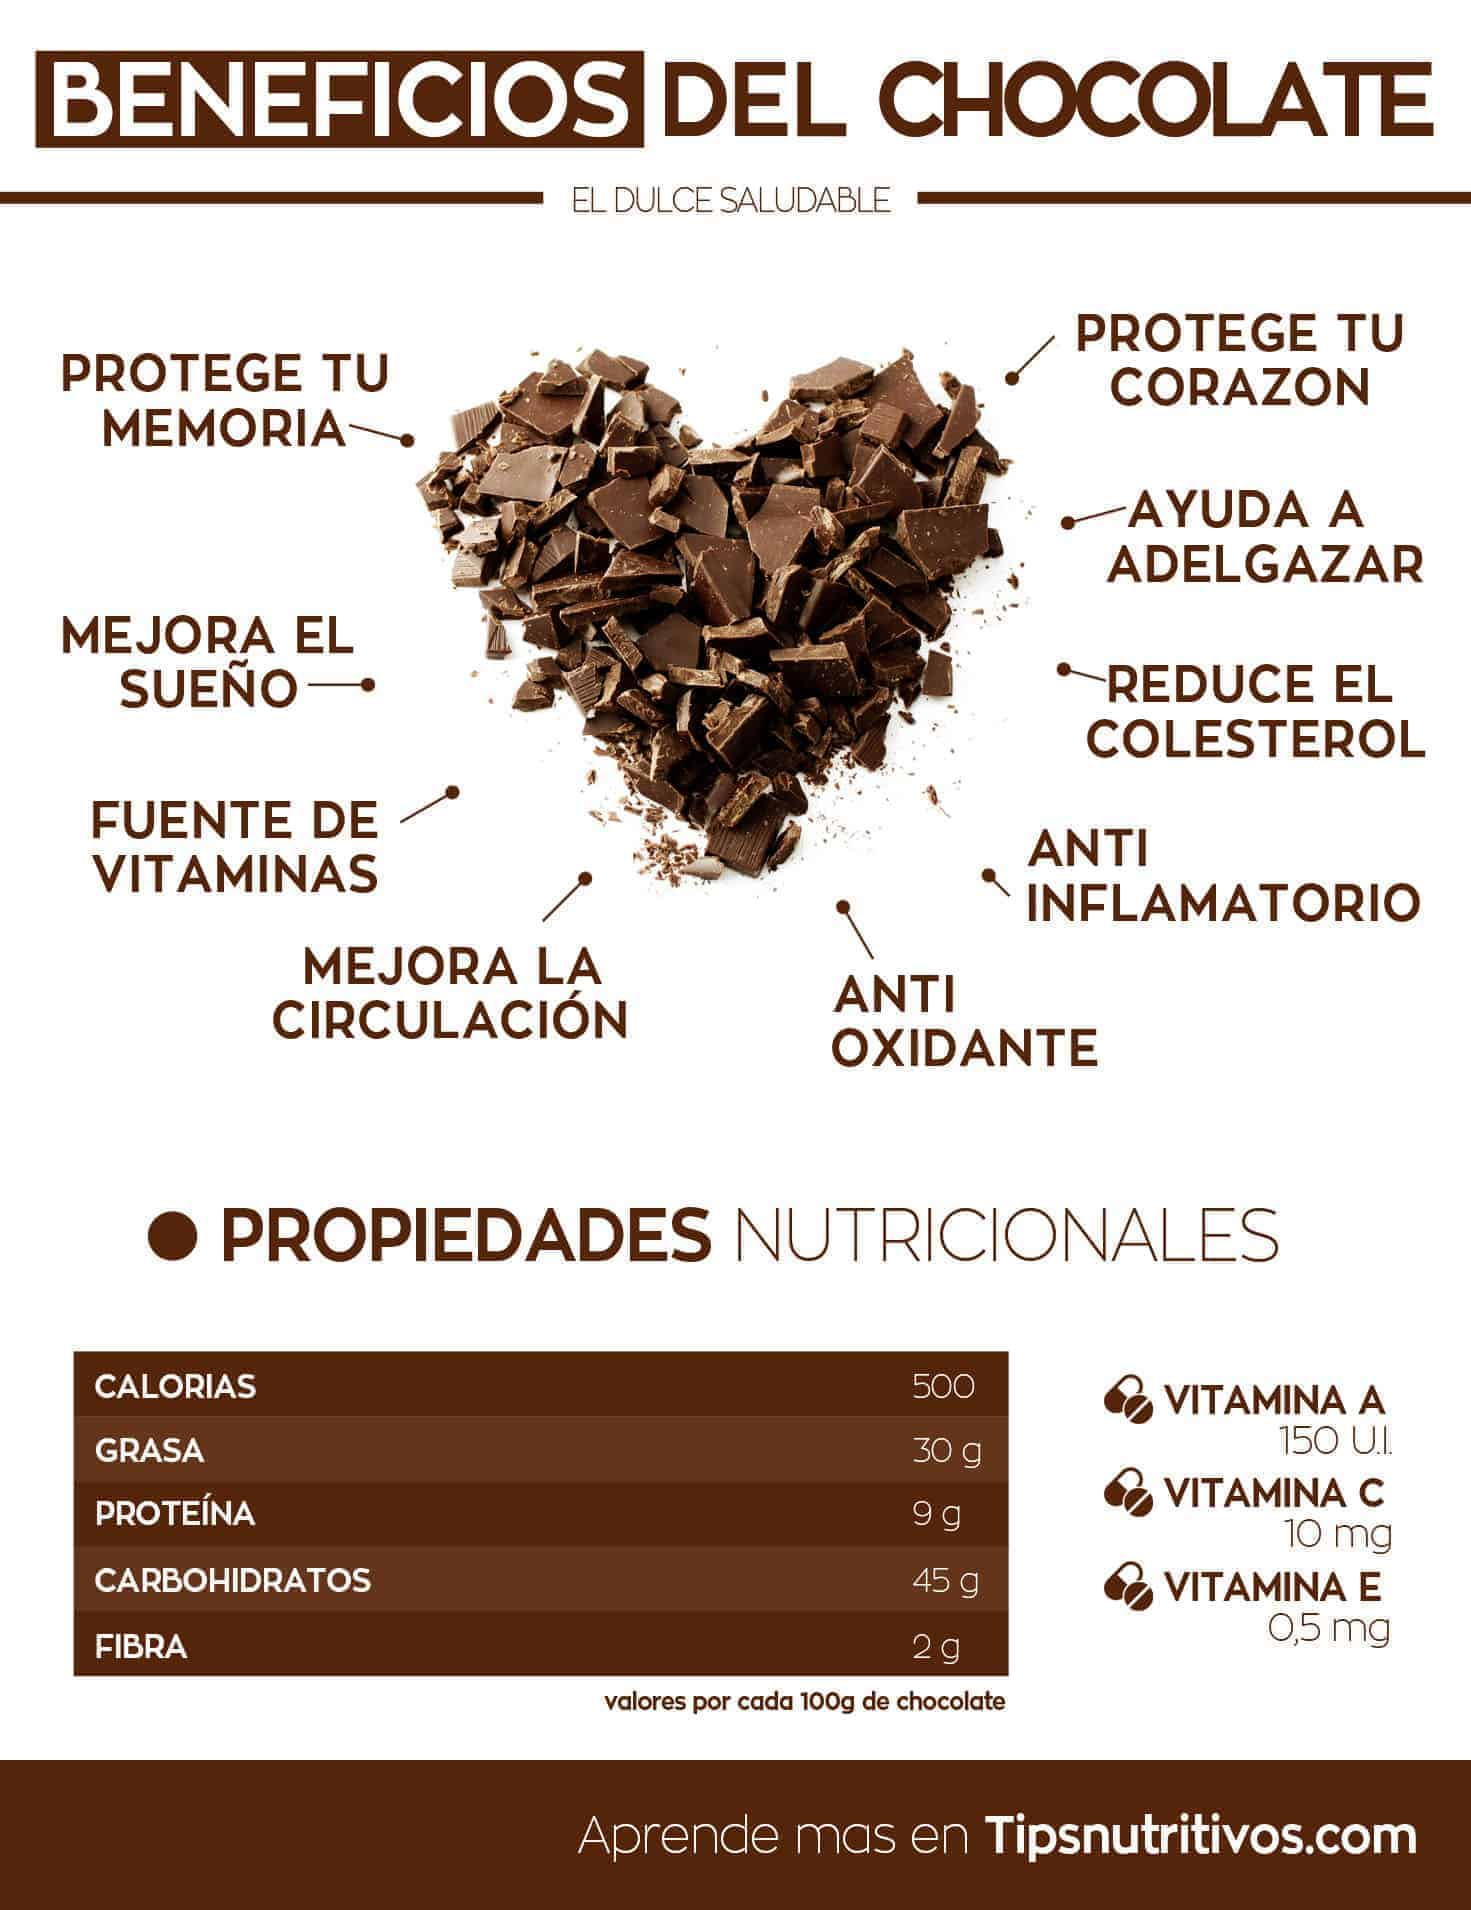 9 Sorprendentes Beneficios del Chocolate Amargo